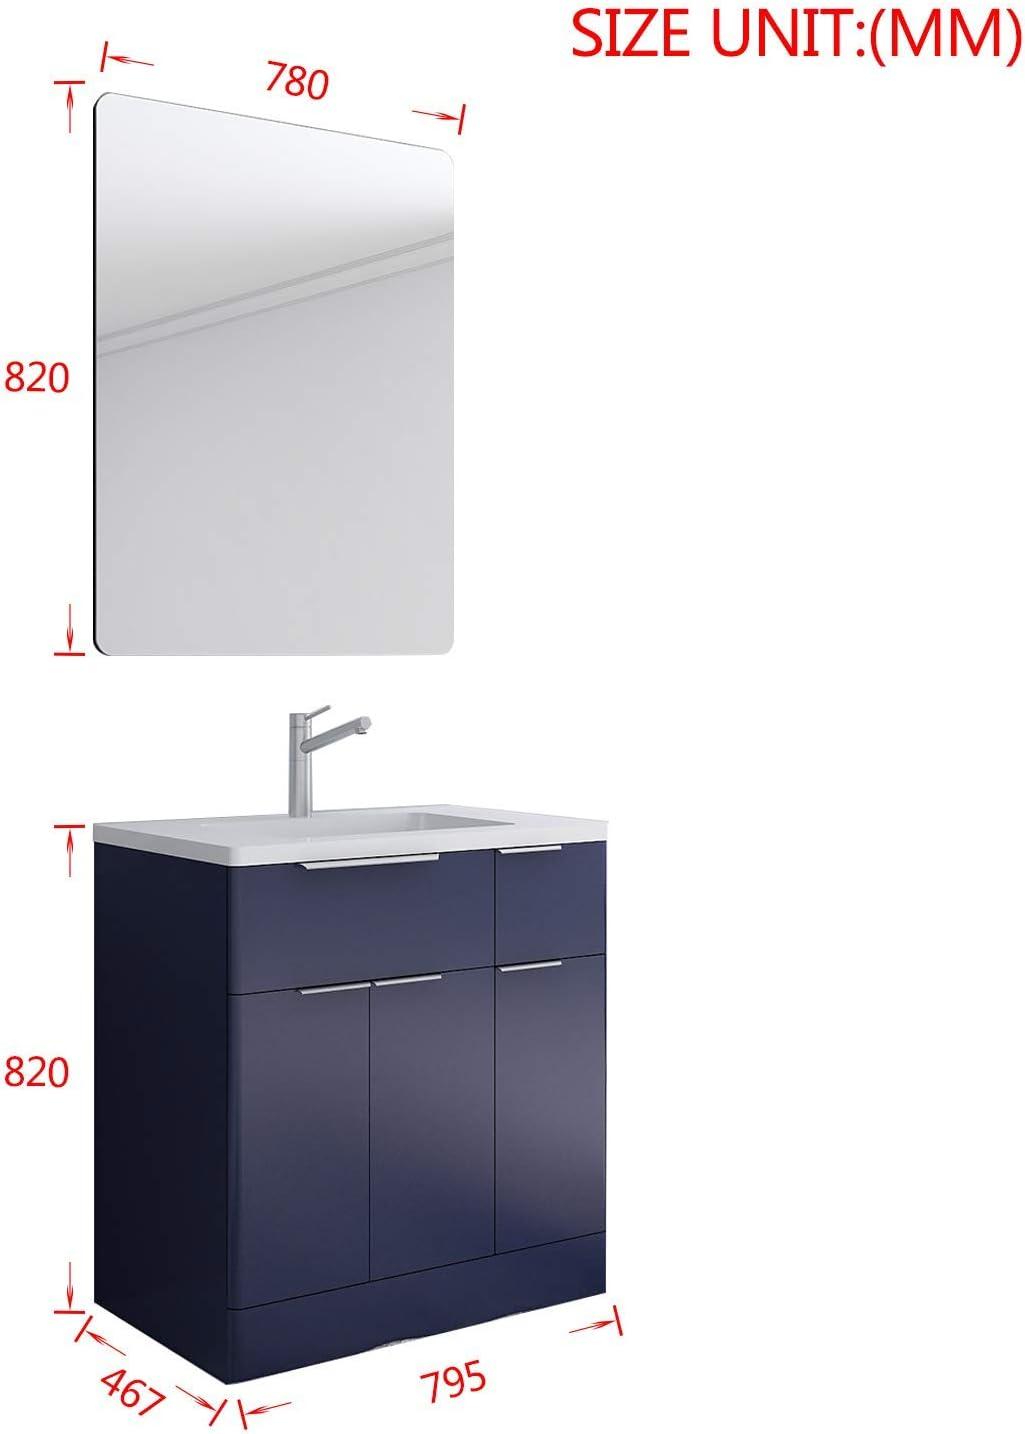 XINKROW Waschtisch mit Unterschrank 80CM Waschbecken Kombischrank g/ünstige badm/öbel Set mit viel Stauraum in Wei/ß Hochglanz//Mattblau 1 Badspiegel 1 Acryl Waschbecken 1 Unterschrank